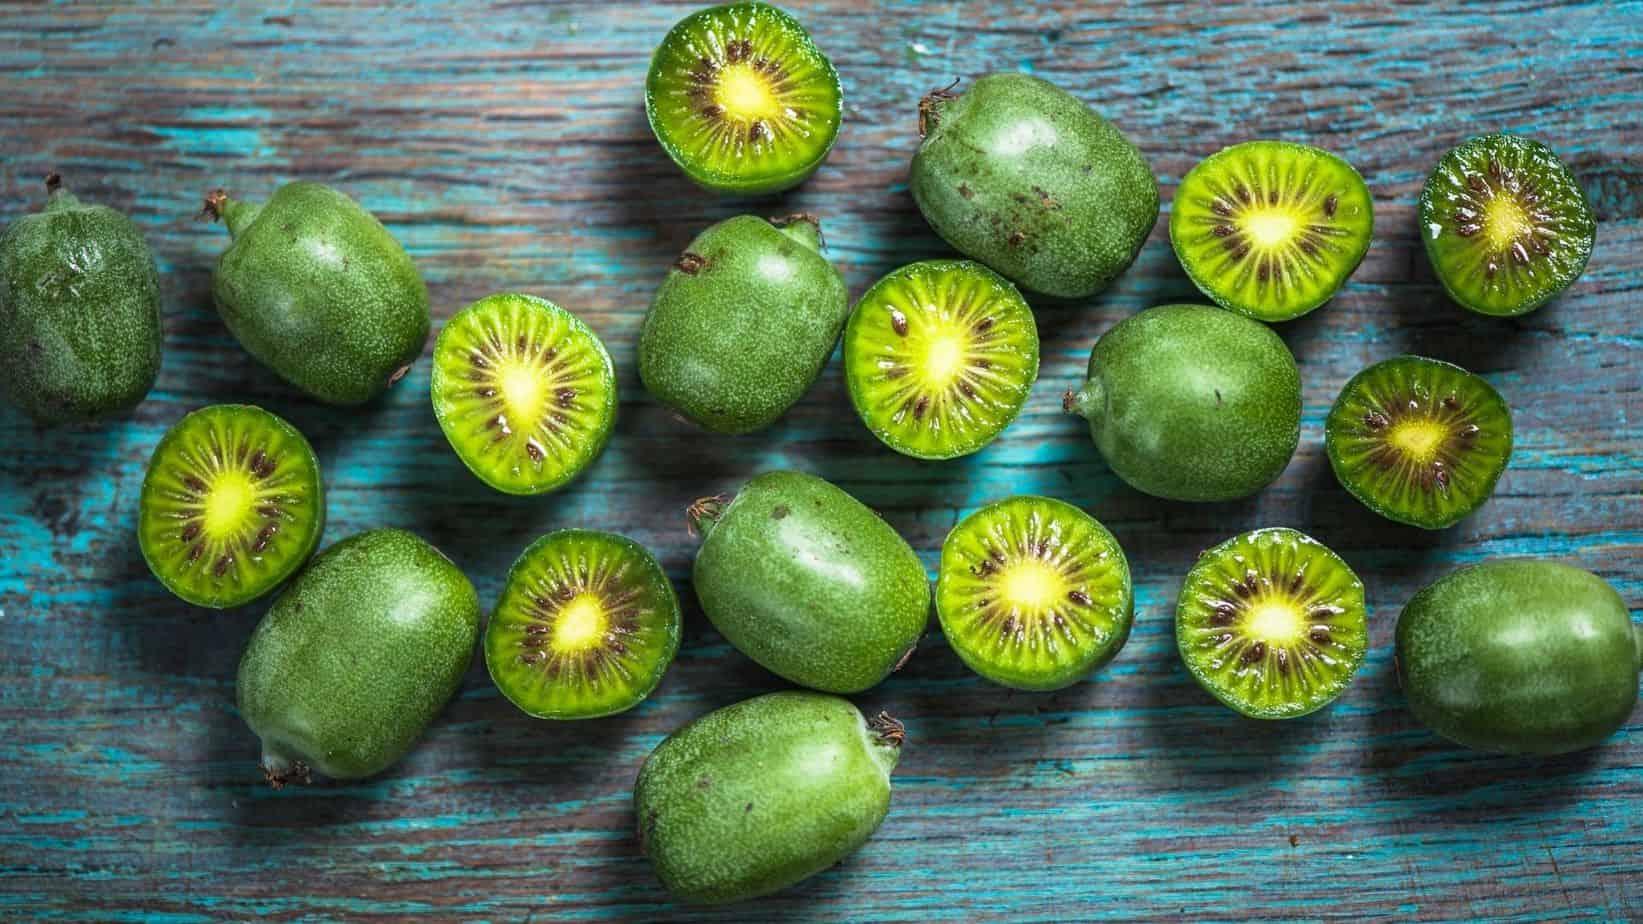 How to eat kiwi berries